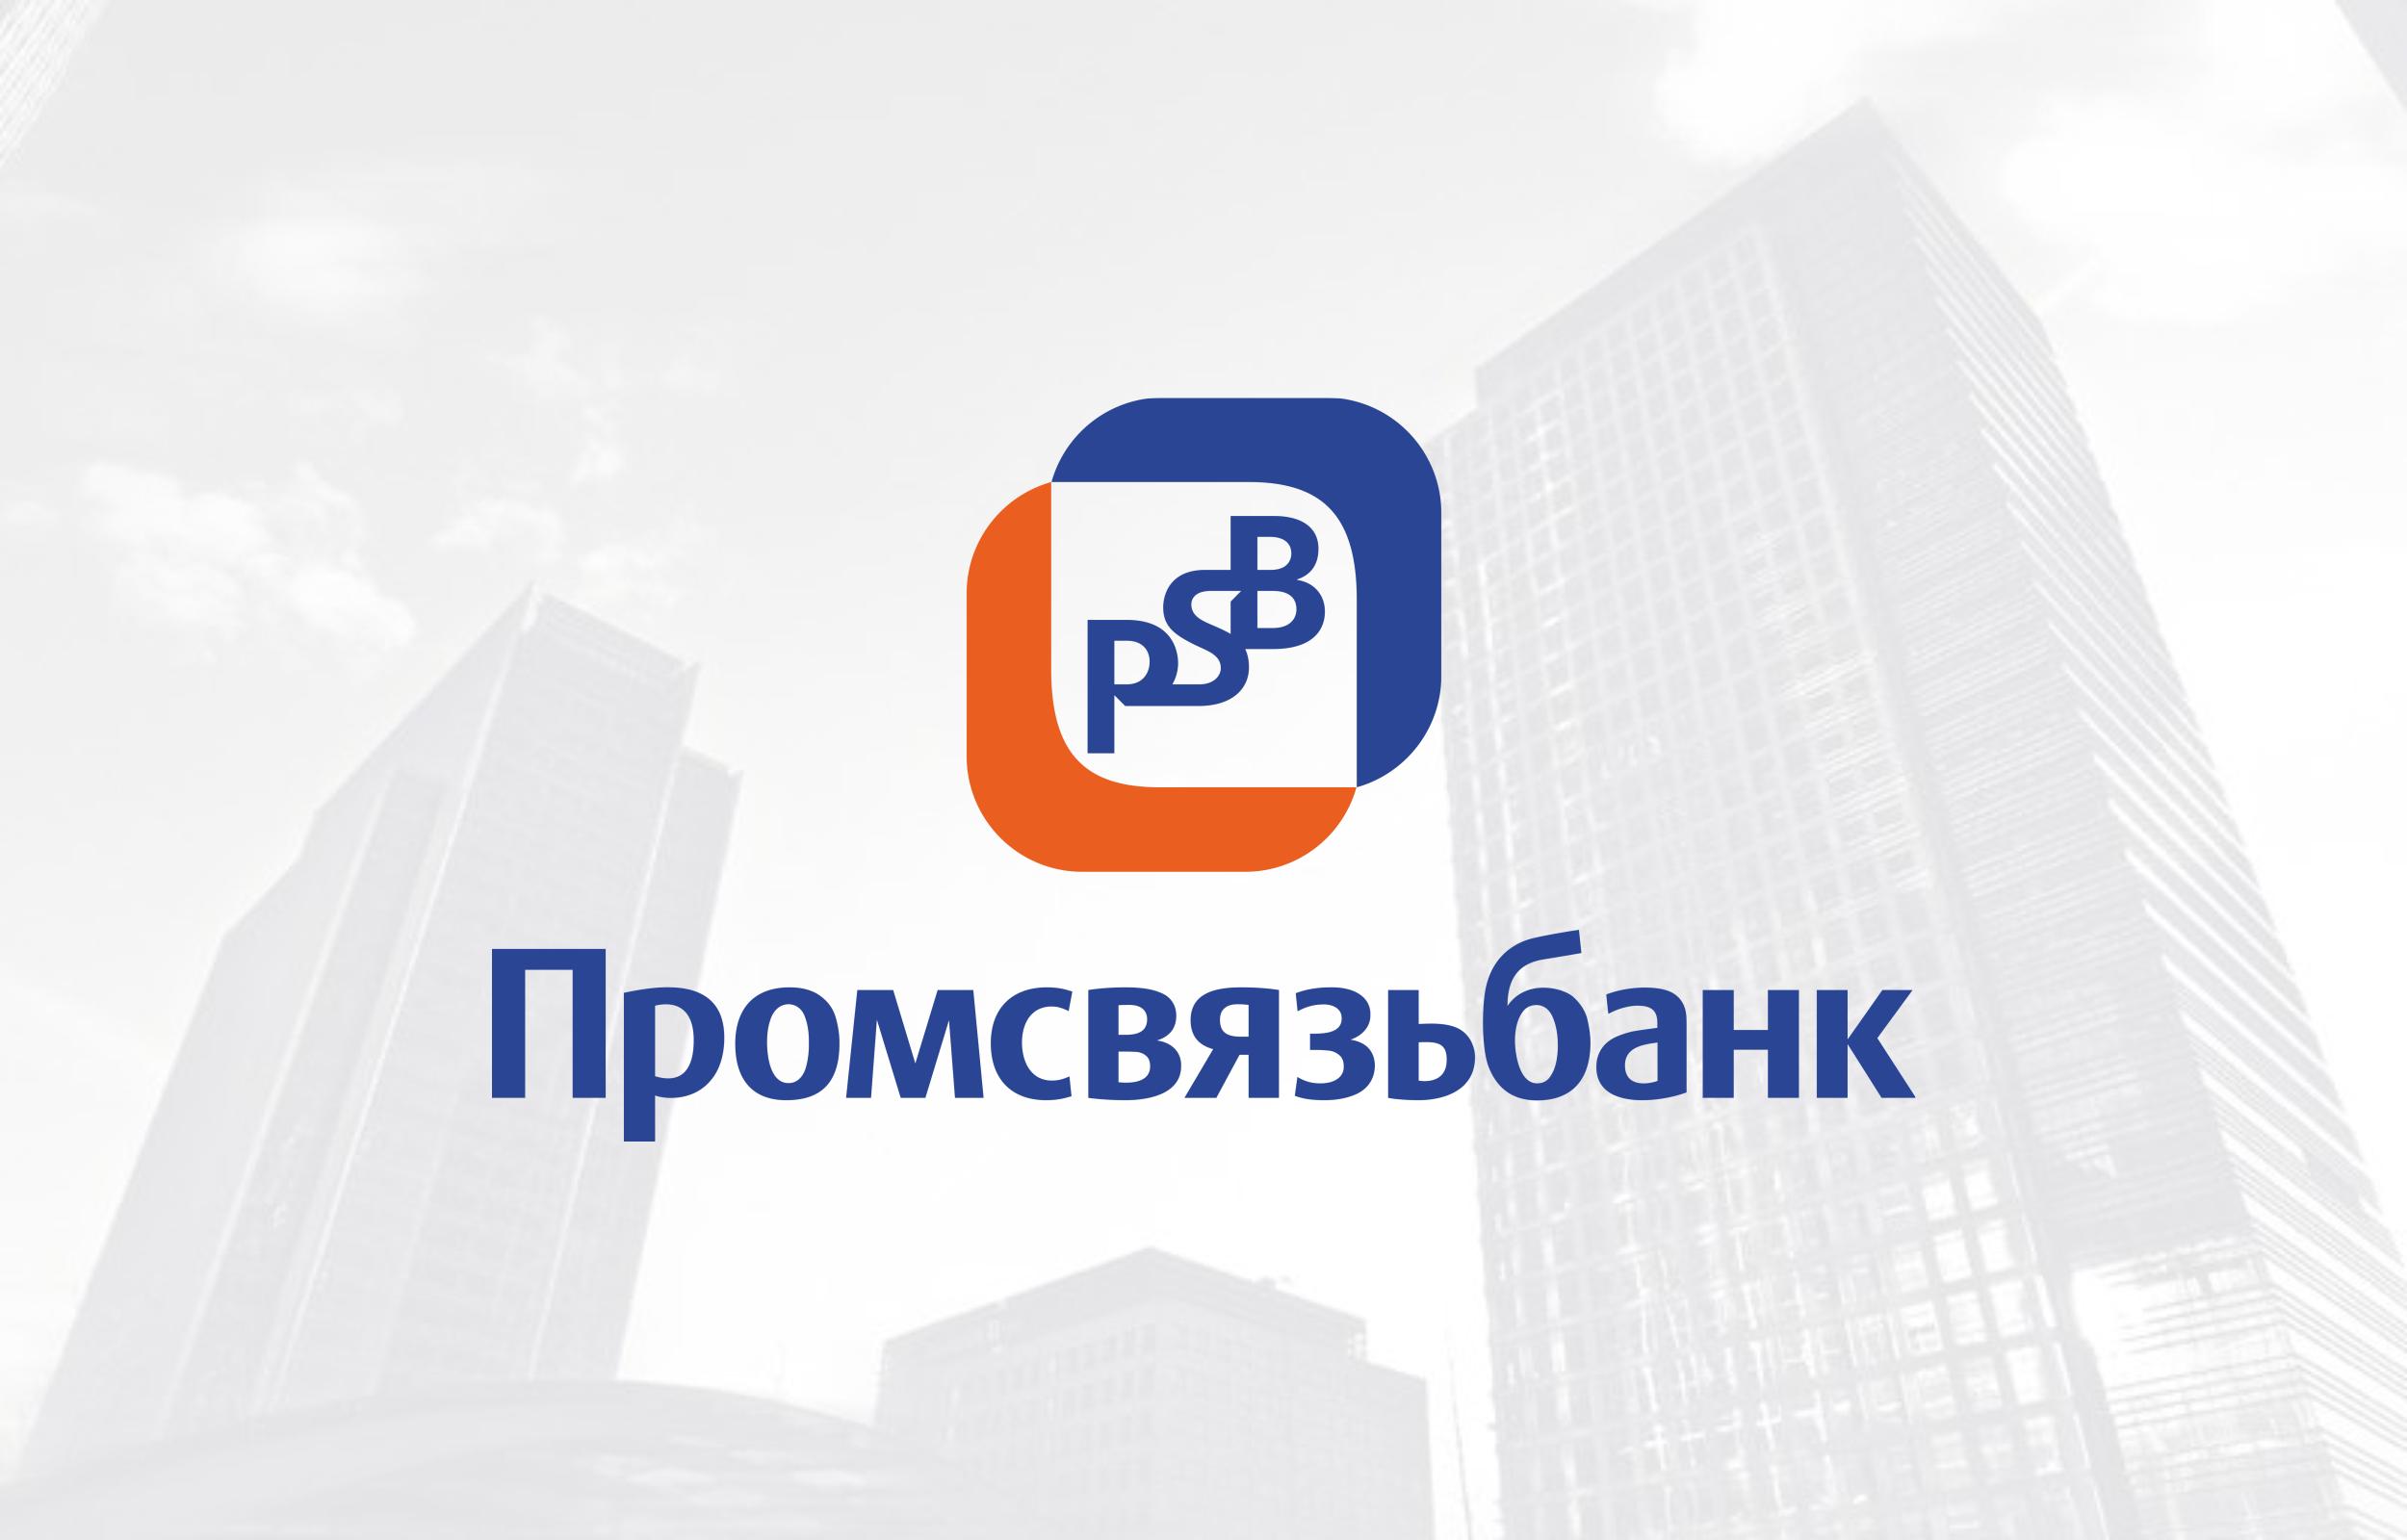 Возврат страховки по кредиту Промвязьбанк: пошаговая инструкция 2021 года, бланк заявления